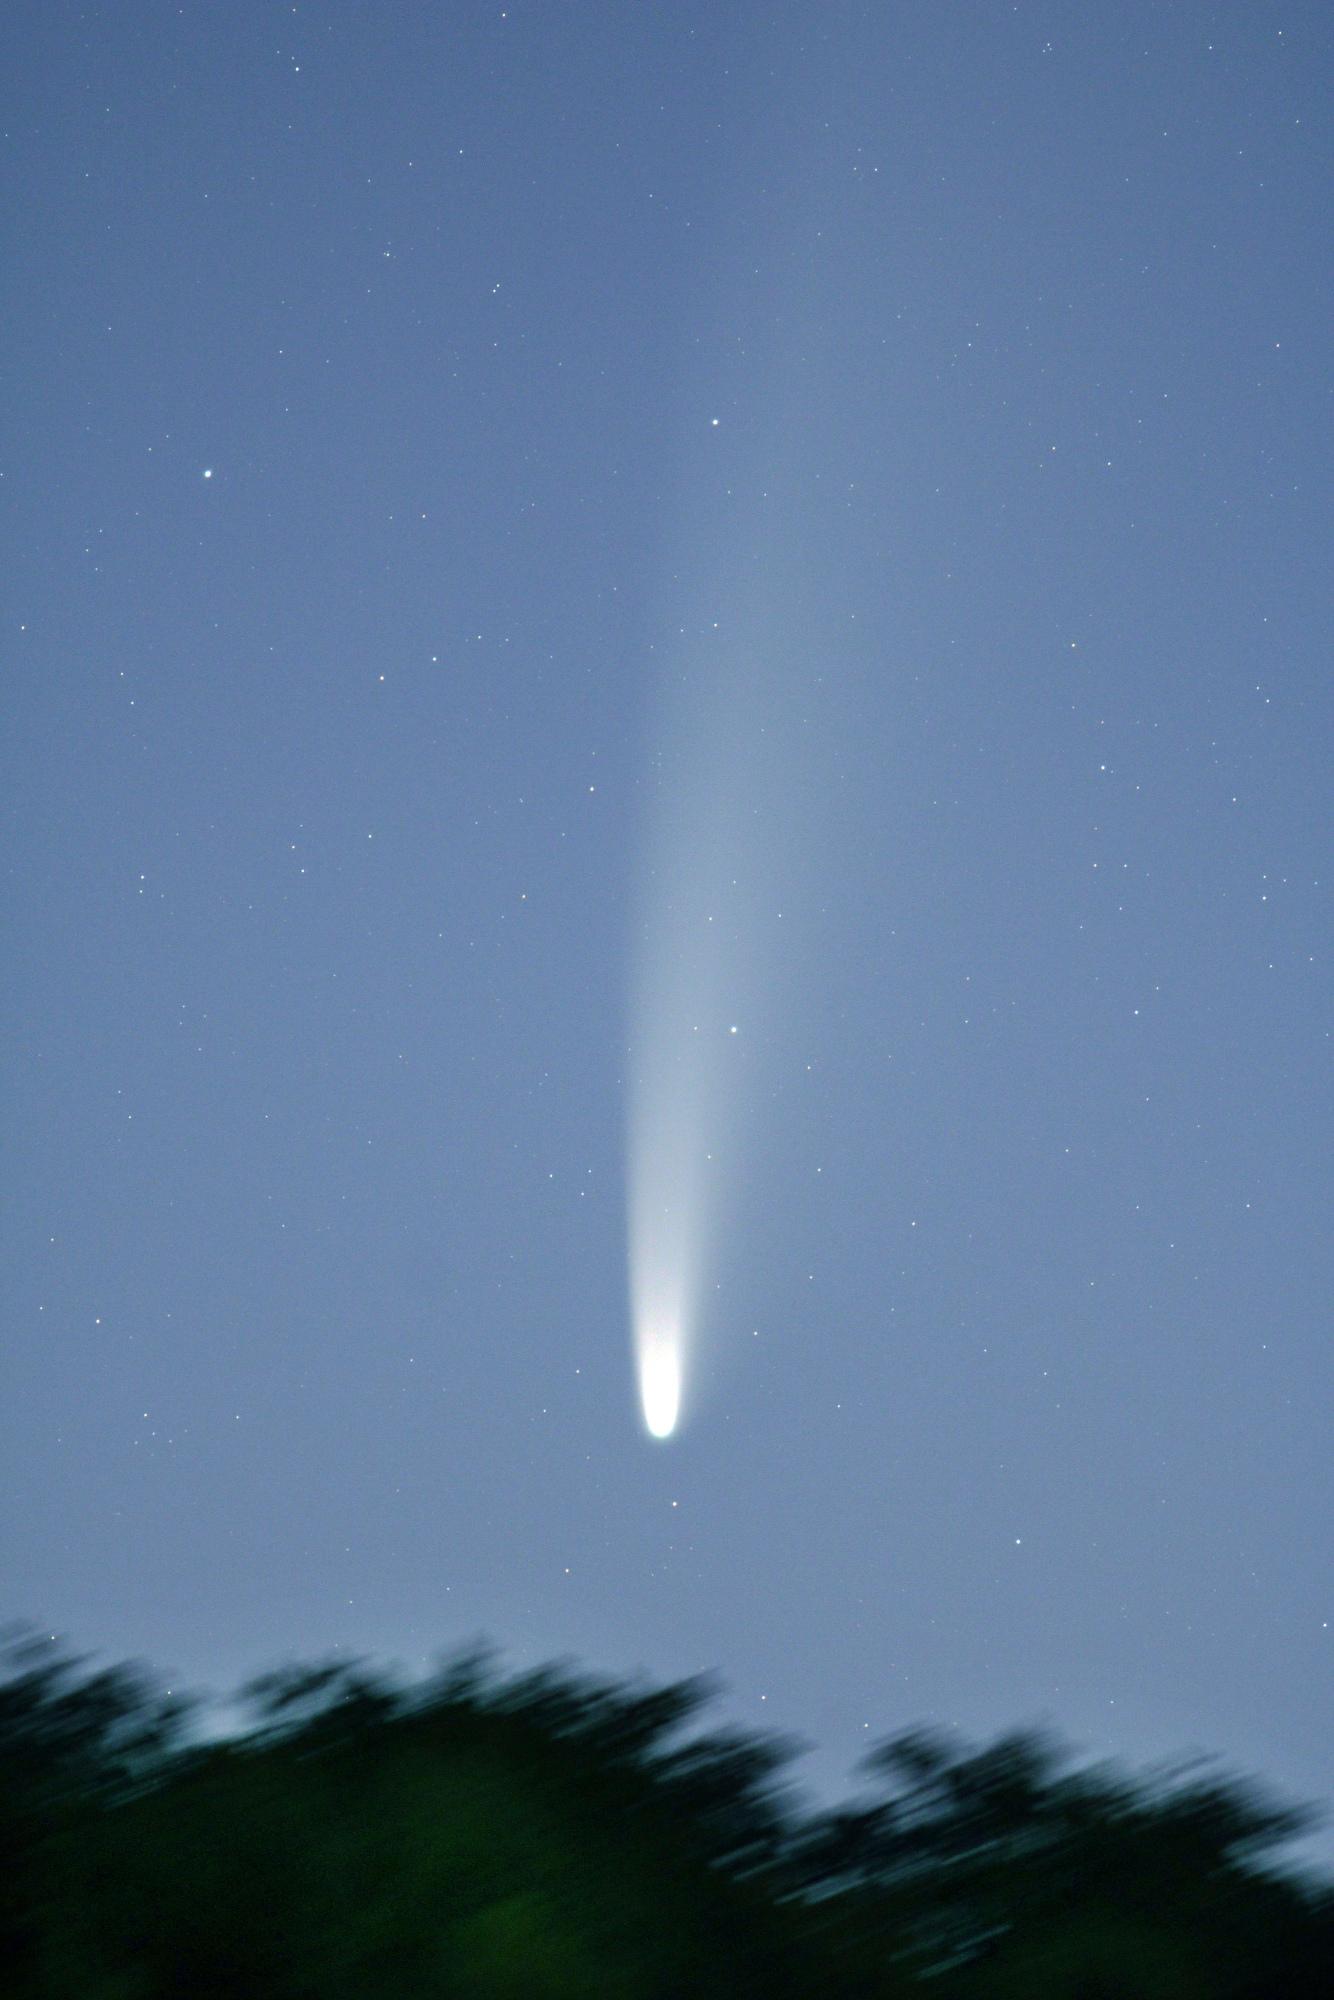 5f0bb0bbe92d4_NEOWISE6886B2send.thumb.jpg.c06953f37a442f0fb0fca46143132bc0.jpg